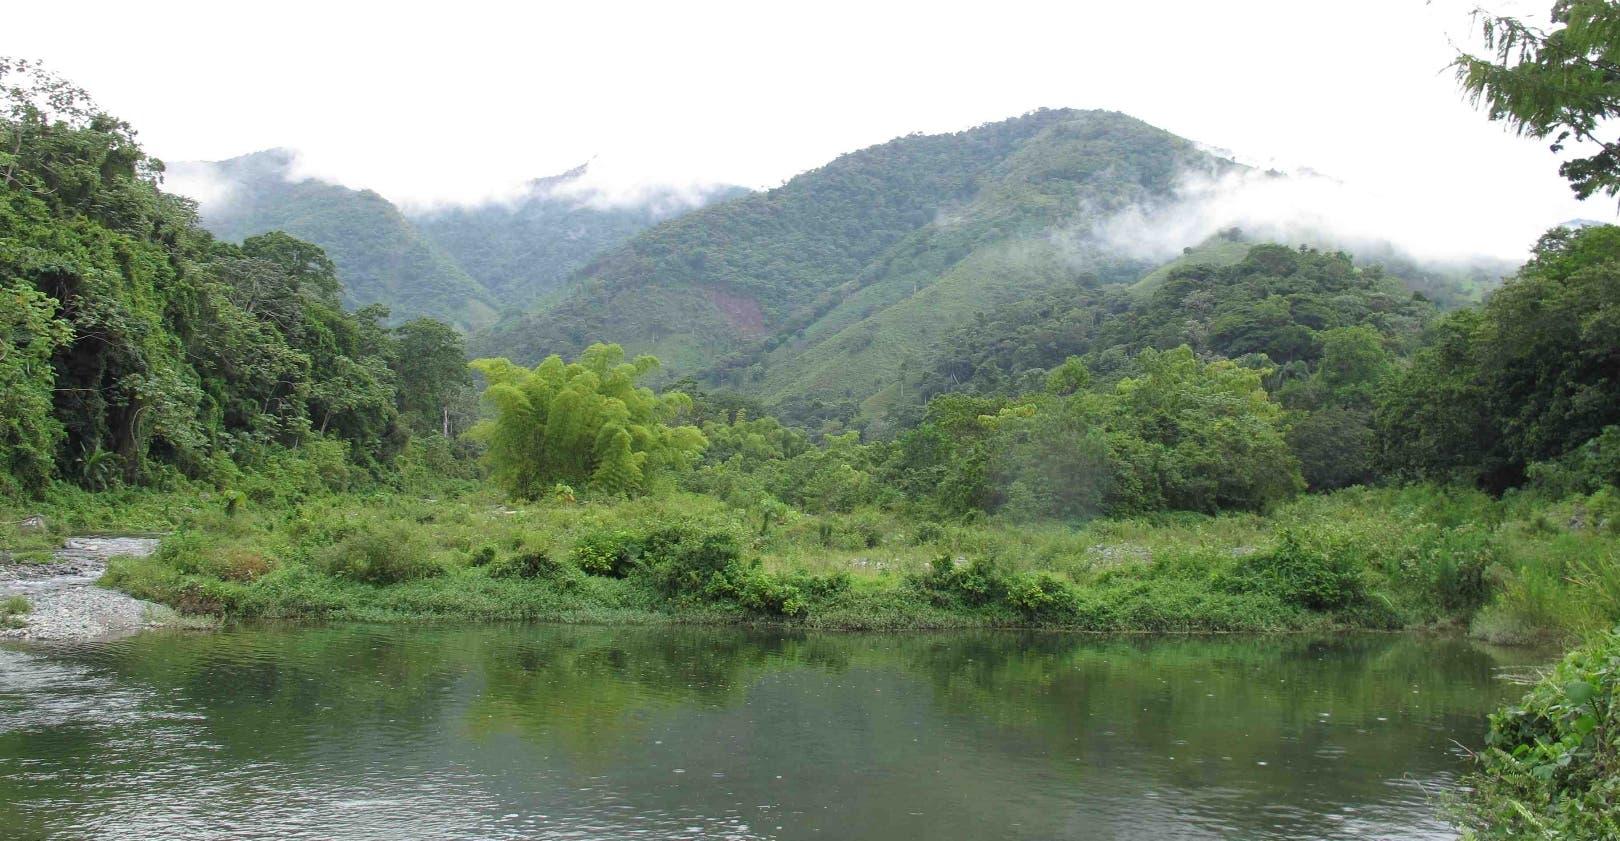 Las investigaciones ambientales, soporte al desarrollo sostenible